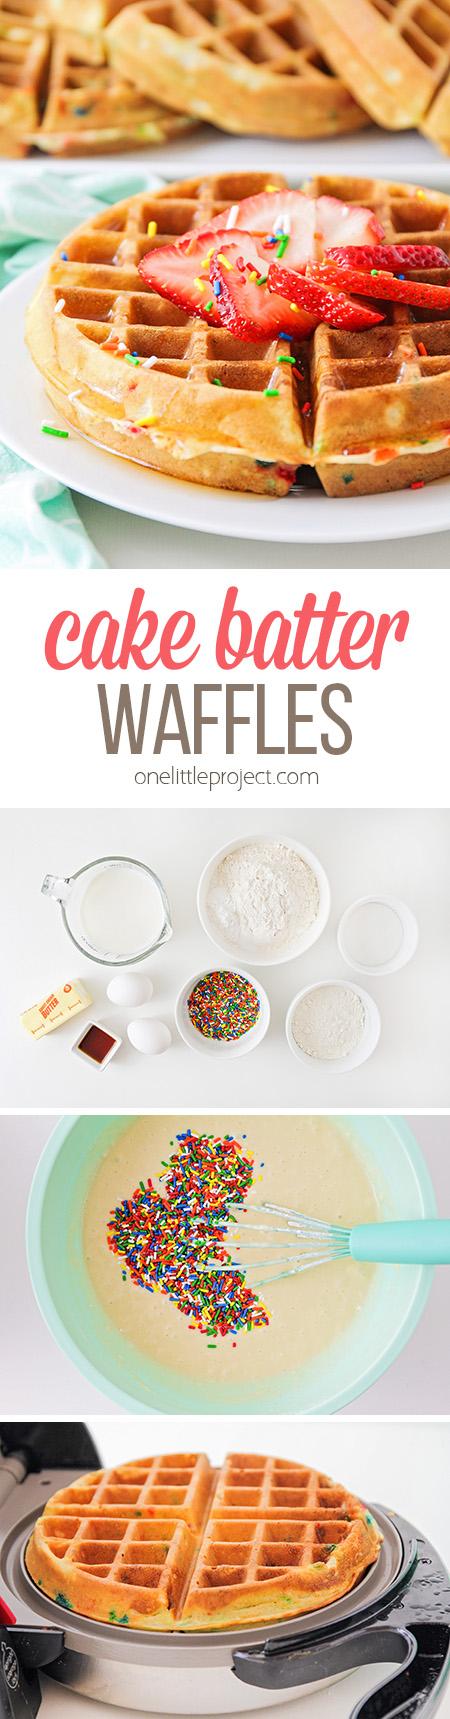 ¡Estos waffles de masa de pastel saben igual que el pastel de cumpleaños, pero en forma de waffle! ¡Son perfectos para cumpleaños o para cualquier momento que necesite un desayuno especial!